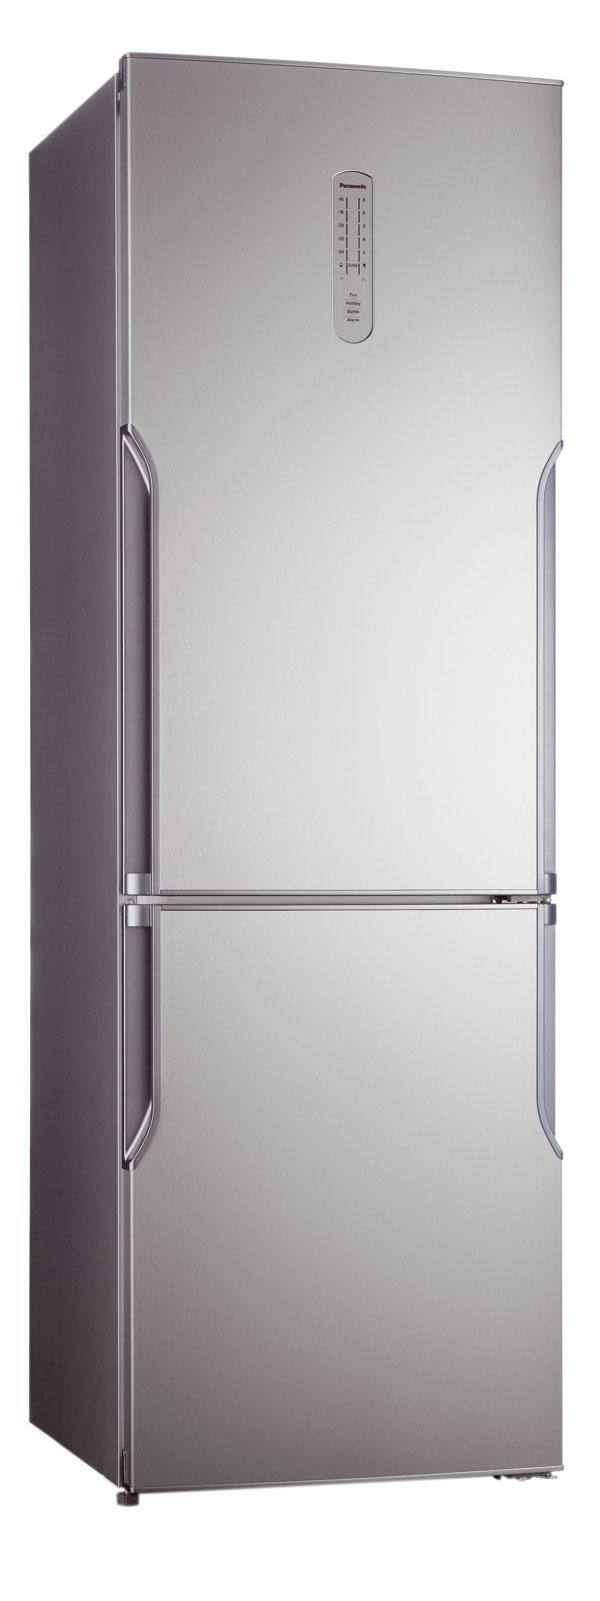 Kombinovaná chladnička Panasonic NR-B32SGI A+, objem 321 litrov, spotreba 249 kWh/rok (0,68kWh/deň), úsporný režim ECO, Fresh zóna, VitaminSafe, Hygiene Active, LED diódy. Cena699 €.